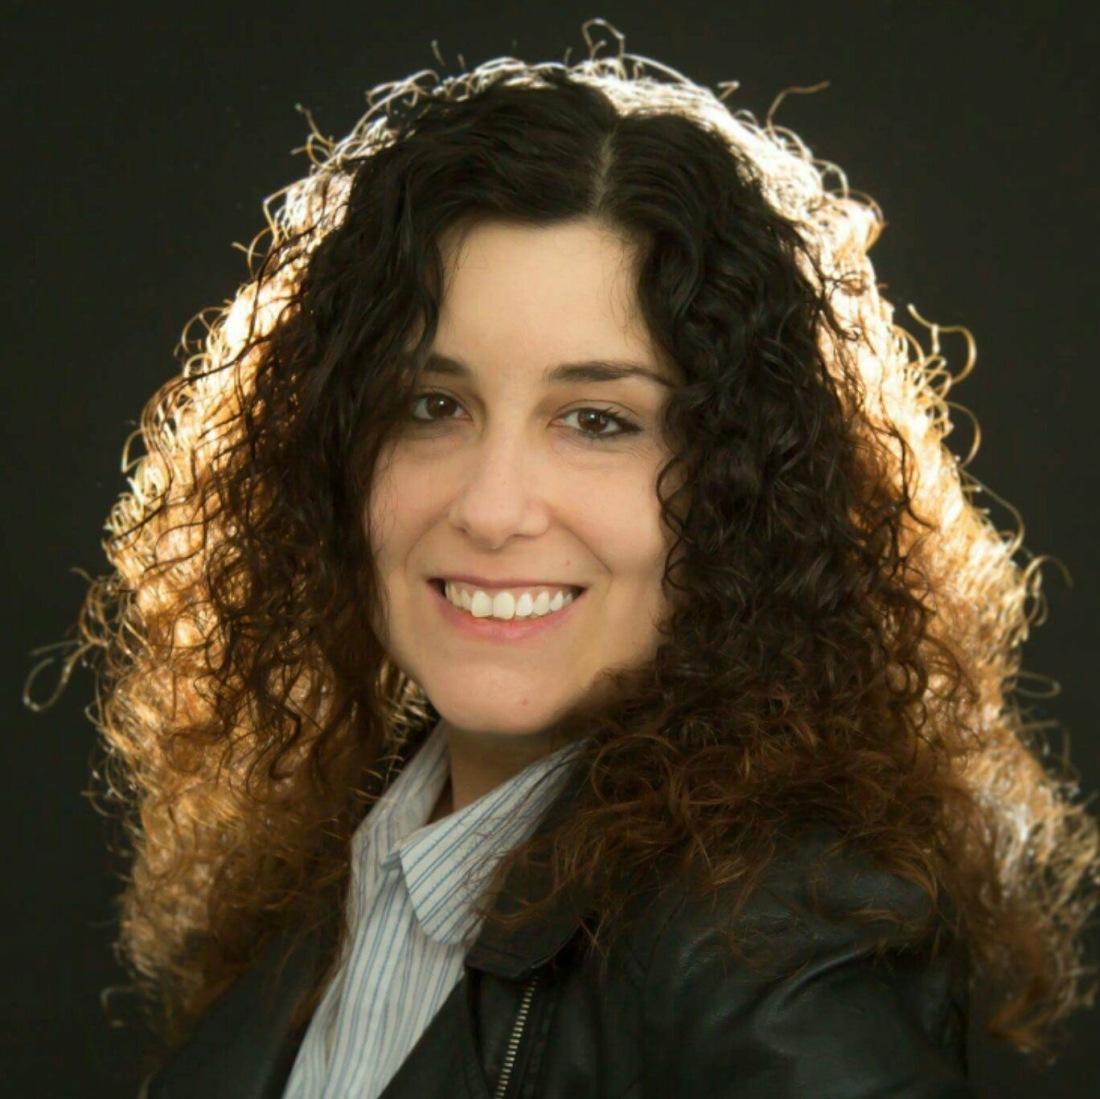 Carla Kovach